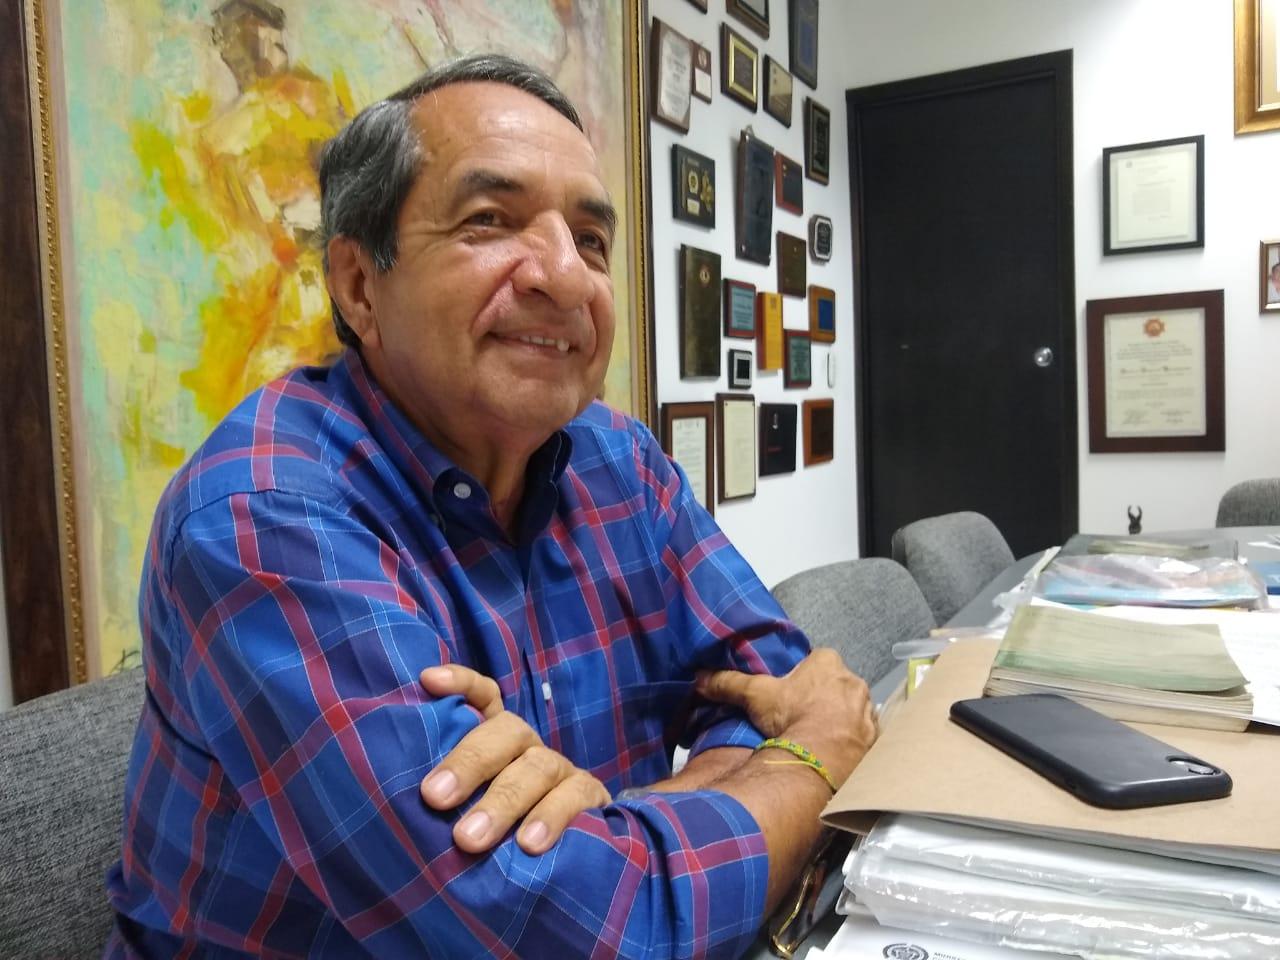 Colombia vive en el círculo vicioso de la revictimización: La patria martirizada   EL FRENTE